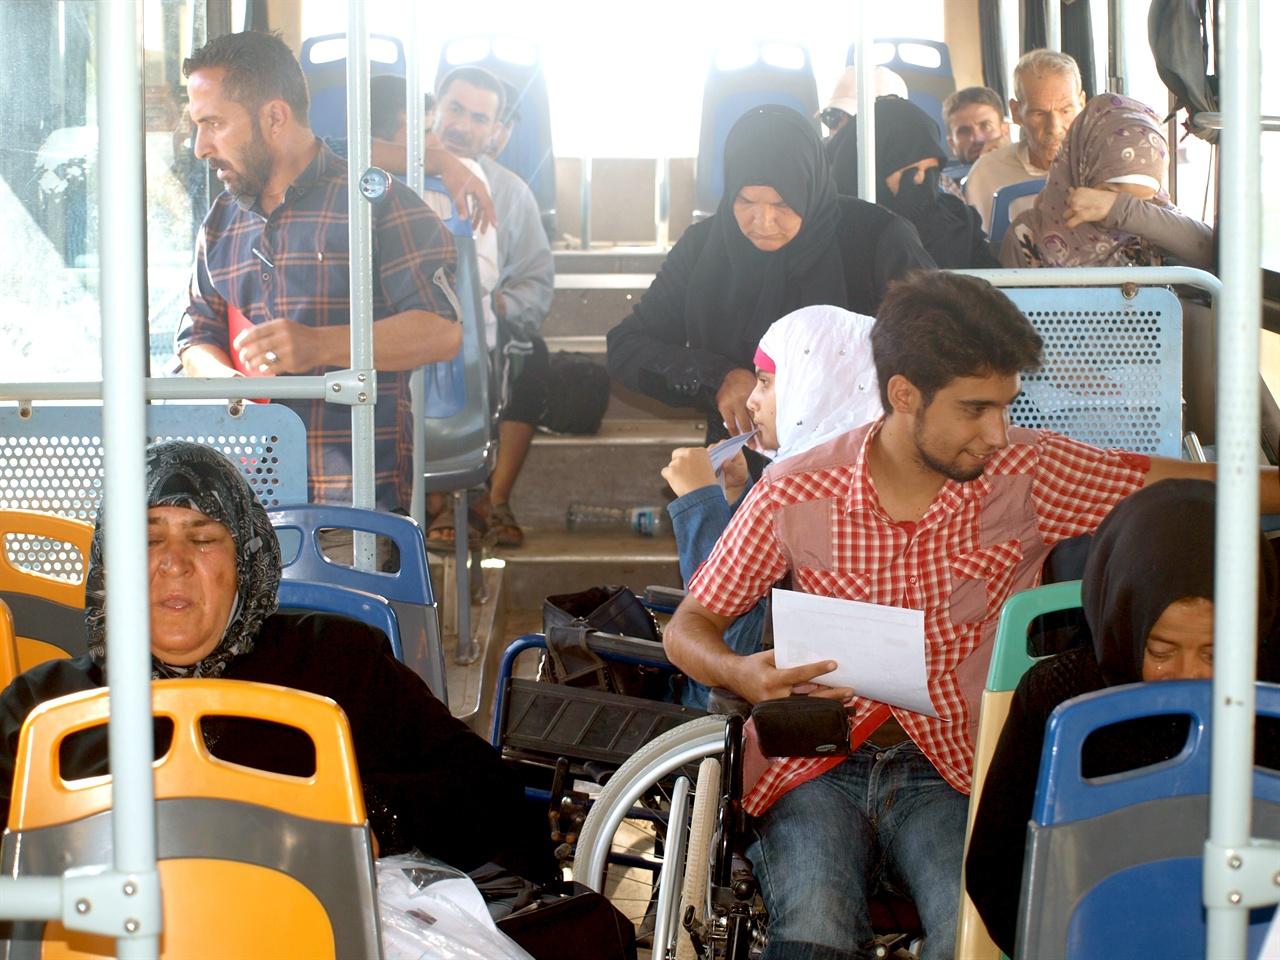 시리아 시민사진3 일상이 녹아있는 시리아 대중들의 발, 버스